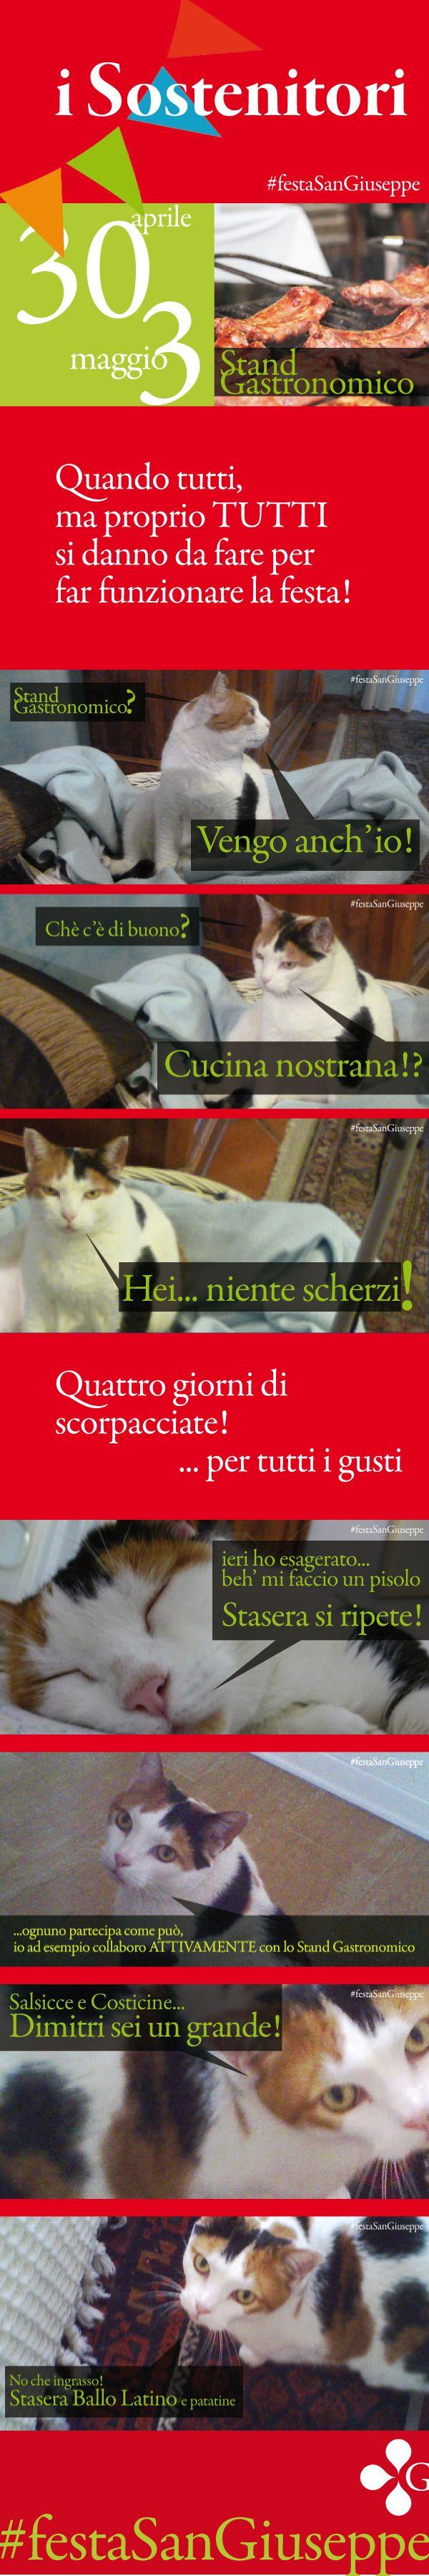 Tutti sono i benvenuti alla #festaSanGiuseppe di Vicenza. Tutti i tipi di collaborazione sono ben accolti, soprattutto quelli di natura mangereccia! Tu cosa hai mangiato e bevuto? https://www.facebook.com/profile.php?id=100009317781363